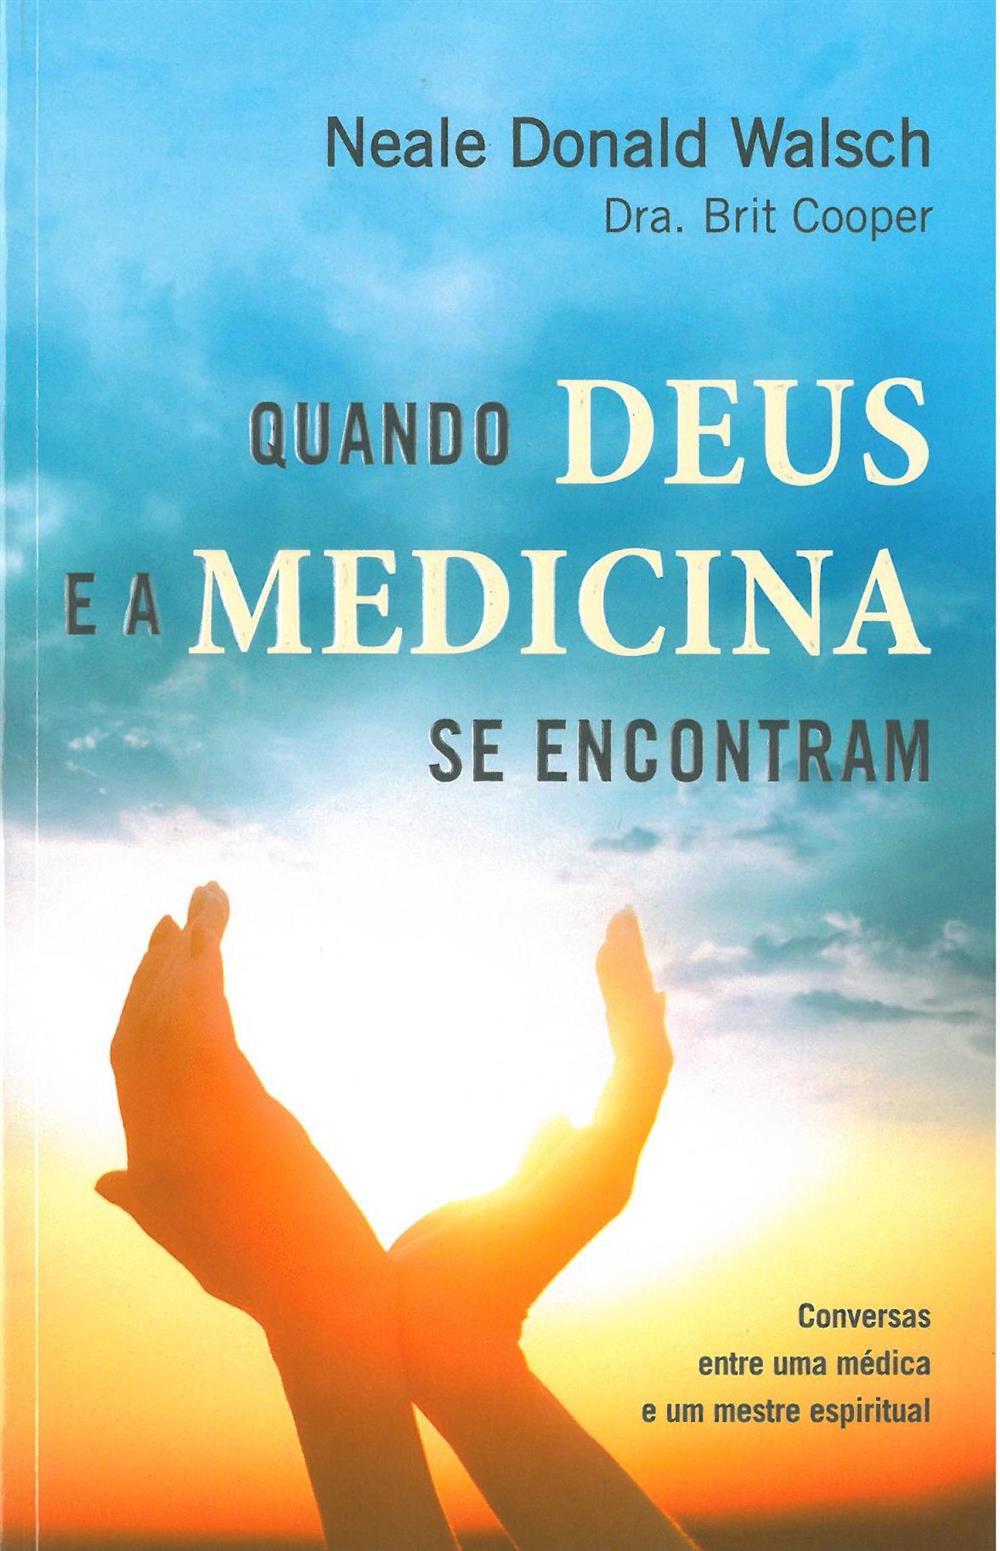 Quando Deus e a medicina se encontram_.jpg